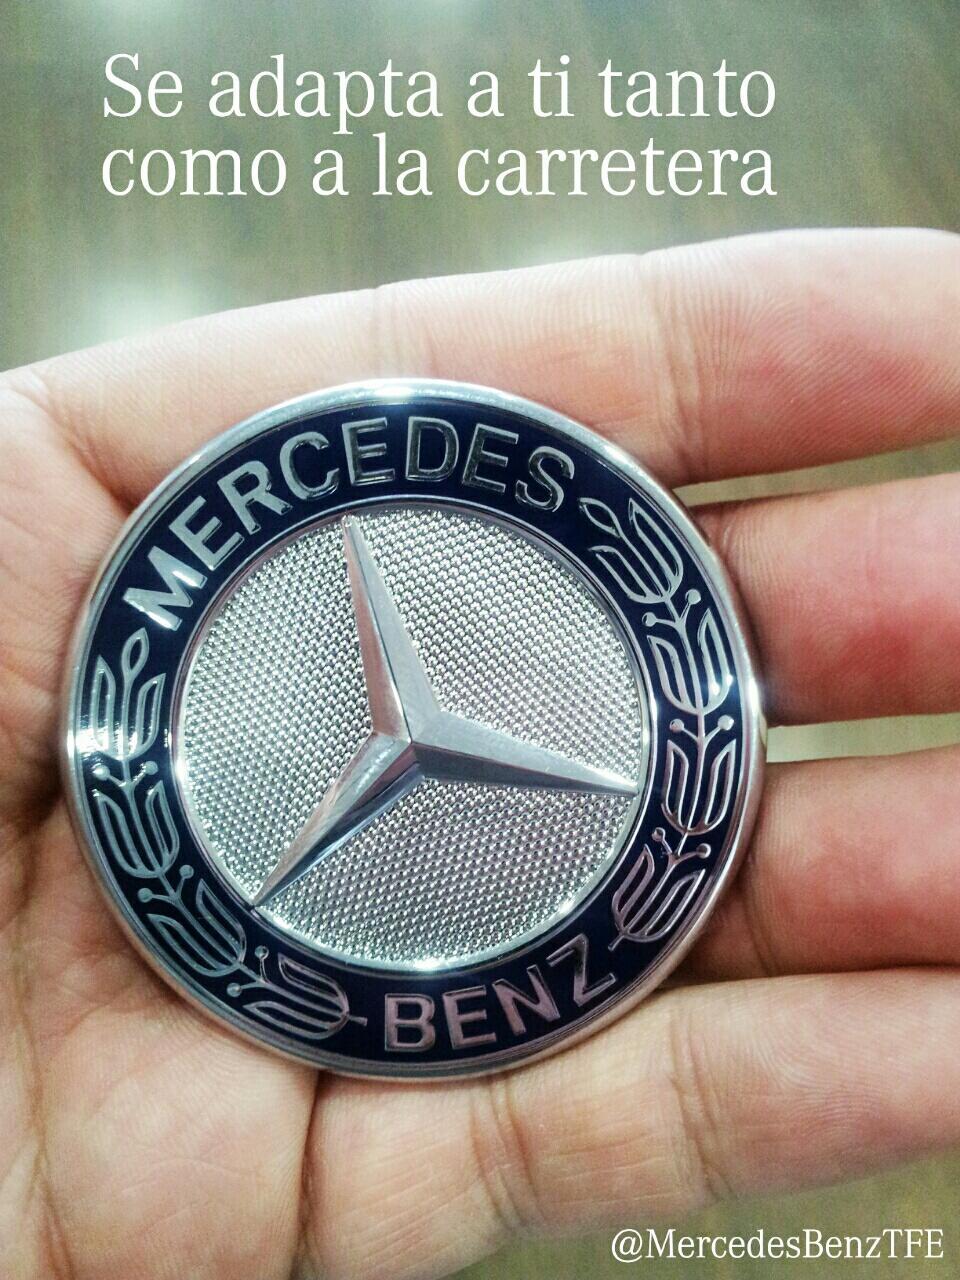 RT @MercedesBenzTFE: @MBenzEspana Saludos desde Tenerife! Nos dáis un RT para que los tuiteros conozcan que estamos en twitter? Gracias! http://t.co/kADVPIoMc3